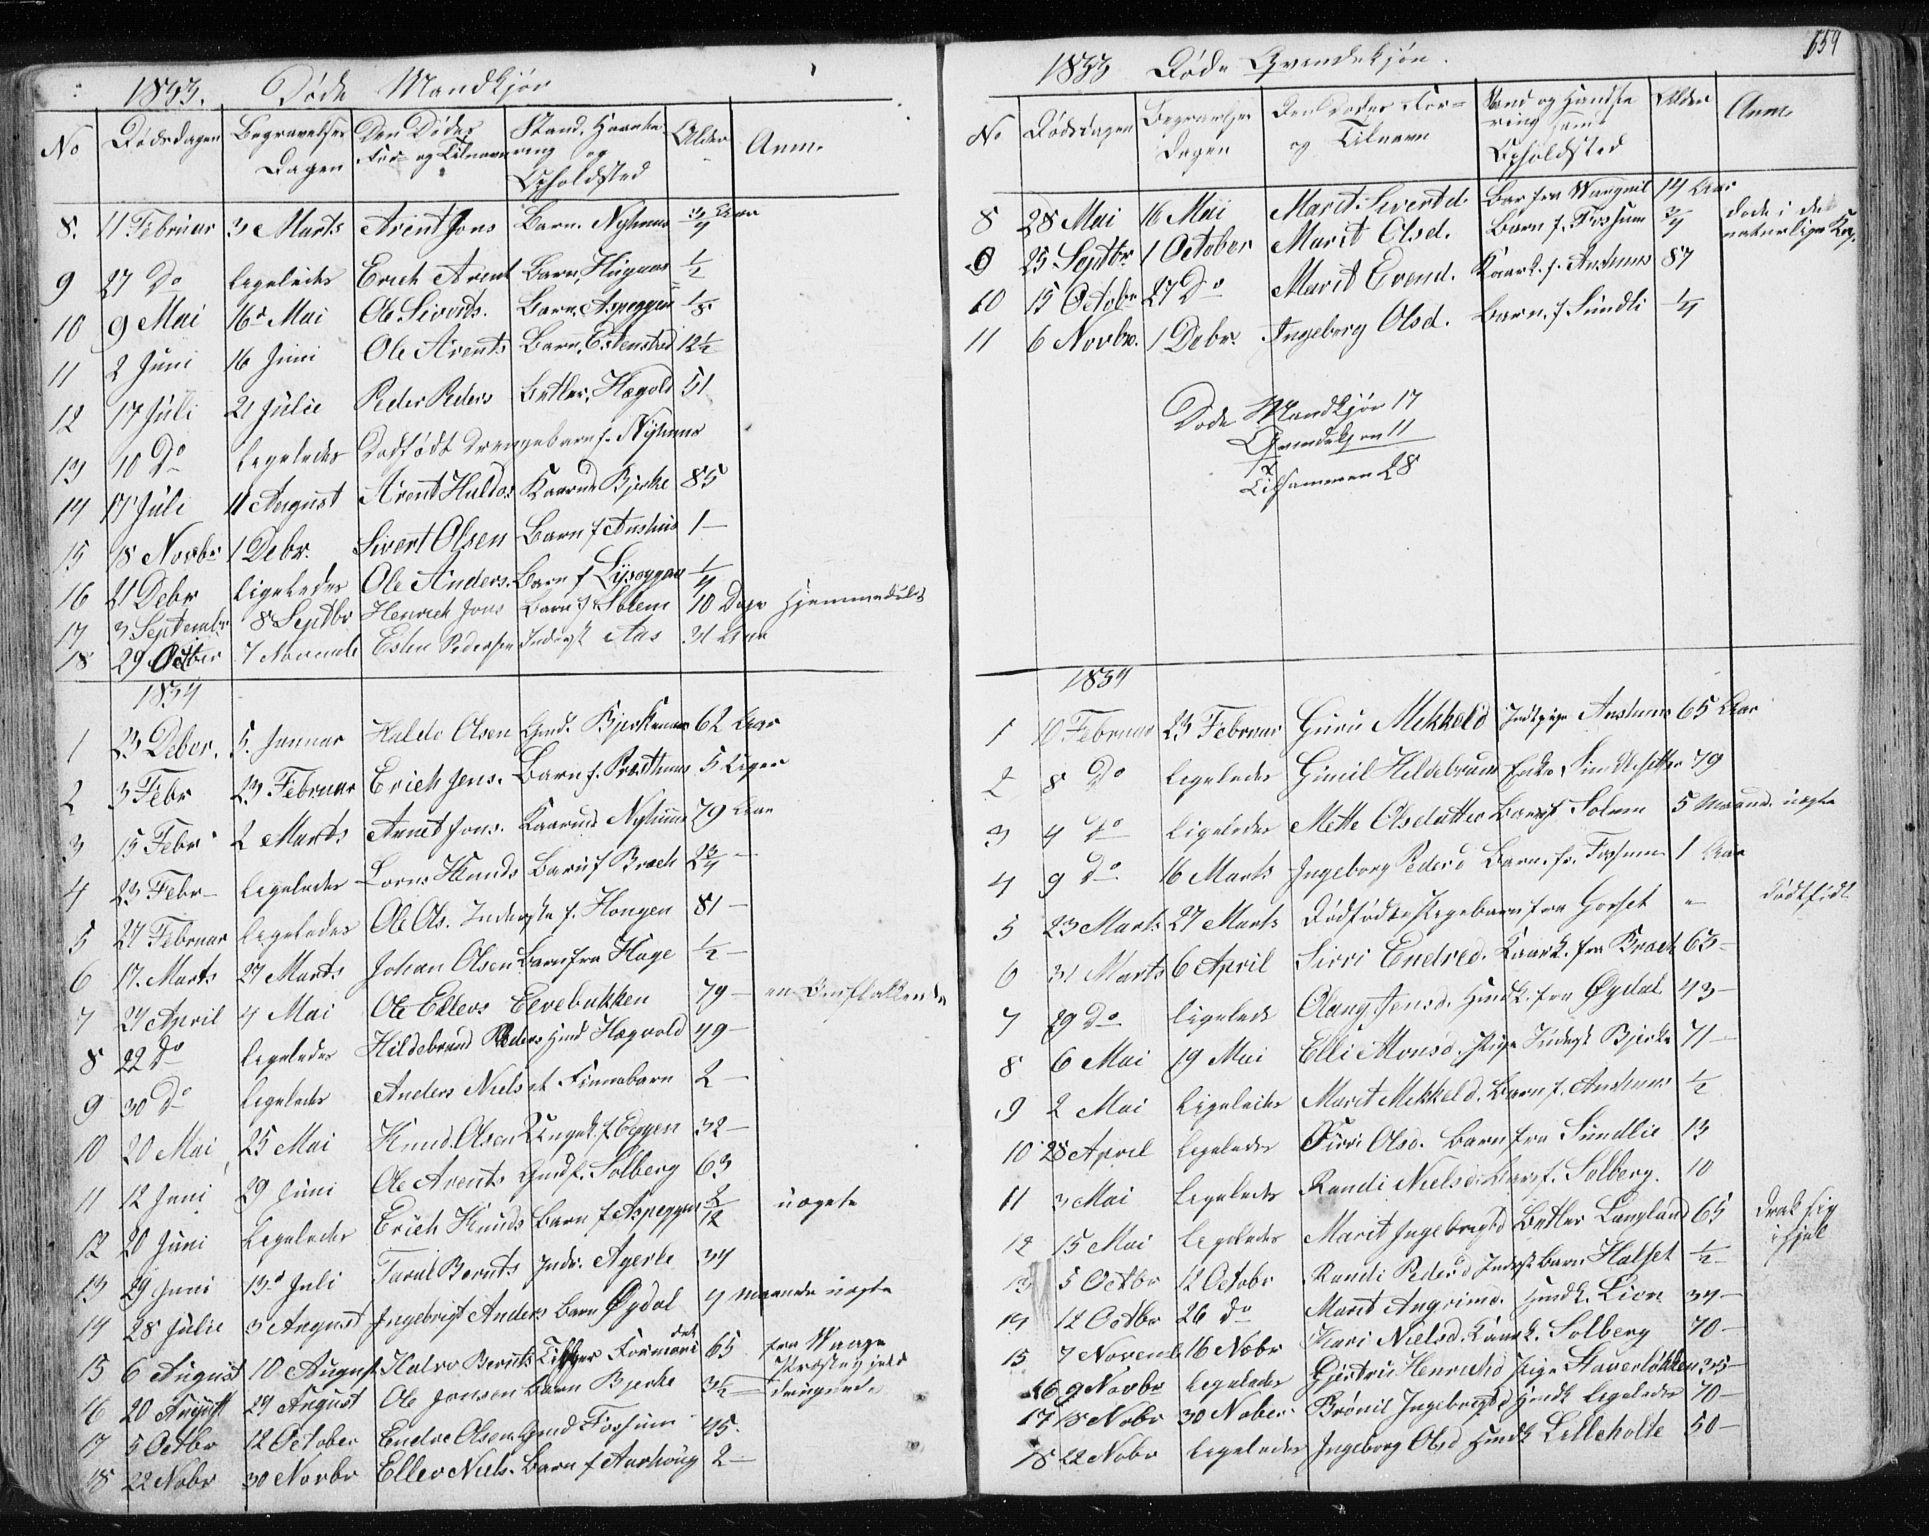 SAT, Ministerialprotokoller, klokkerbøker og fødselsregistre - Sør-Trøndelag, 689/L1043: Klokkerbok nr. 689C02, 1816-1892, s. 159